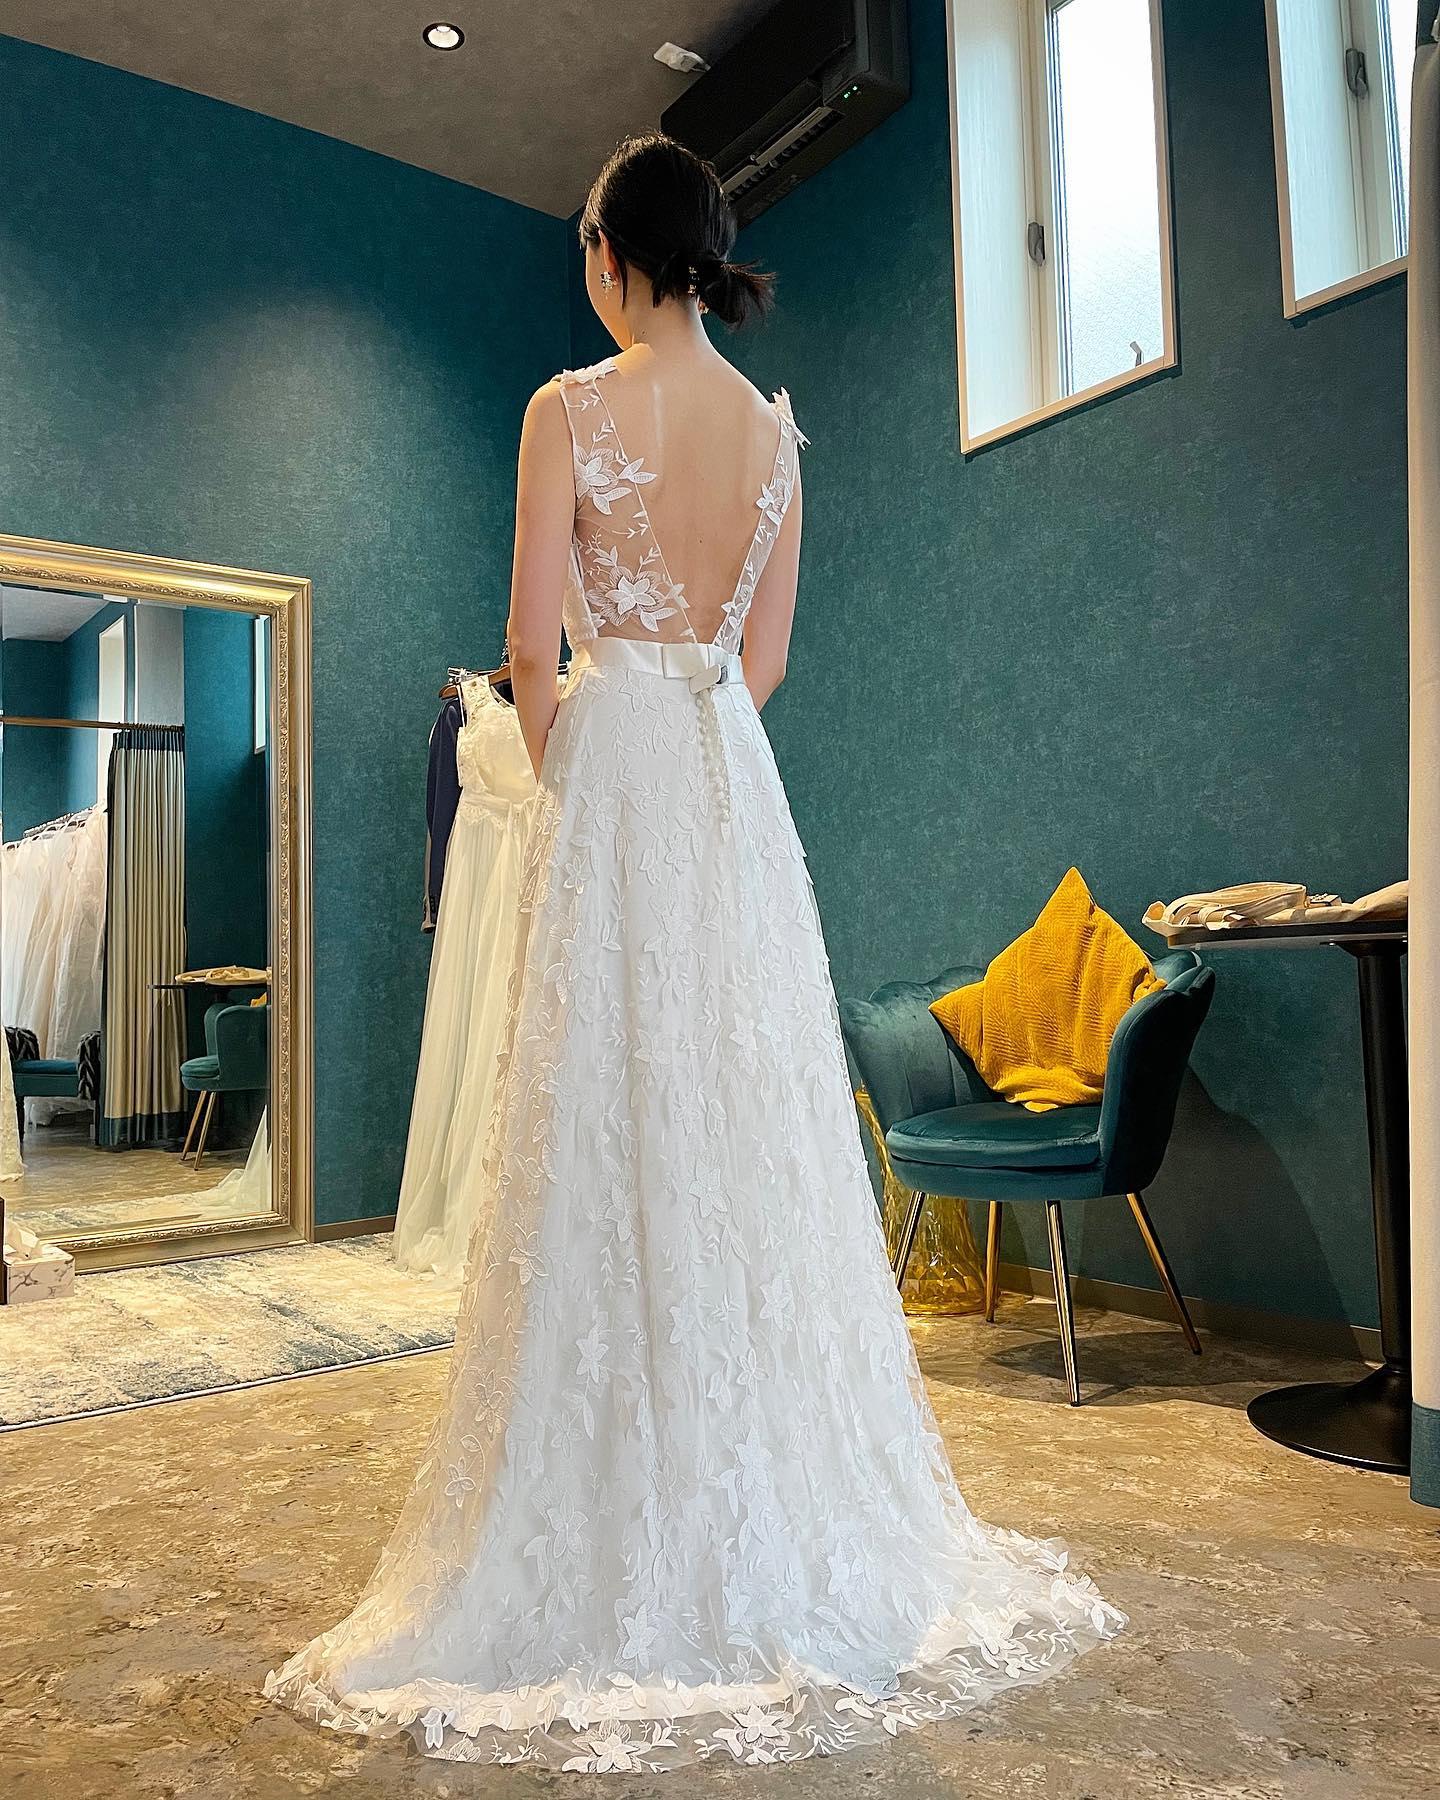 ・先日のご試着のお客様🕊2着目はClarasでも人気のdressをご試着🤍・大胆なカッティングのドレスに洗練されたレース柄が絵になるdress・ウエストのシルクサテンの大人リボンモチーフが女性らしい印象に存在感ある1着です・美しすぎる肩甲骨でバックスタイルまで綺麗に着こなしていただきました・Cannes ¥380.000・#wedding #weddingdress #claras #paris #vowrenewal #aoyama#ウェディングドレス #プレ花嫁 #ドレス試着 #2021夏婚 #2021冬婚 #ヘアメイク #結婚式  #ドレス選び #前撮り #後撮り #フォトウェディング #ウェディングヘア  #フォト婚 #前撮り写真 #ブライダルフォト #カップルフォト #ウェディングドレス探し #ウェディングドレス試着 #レンタルドレス #ドレスショップ #家族婚 #バウリニューアル #記念日婚